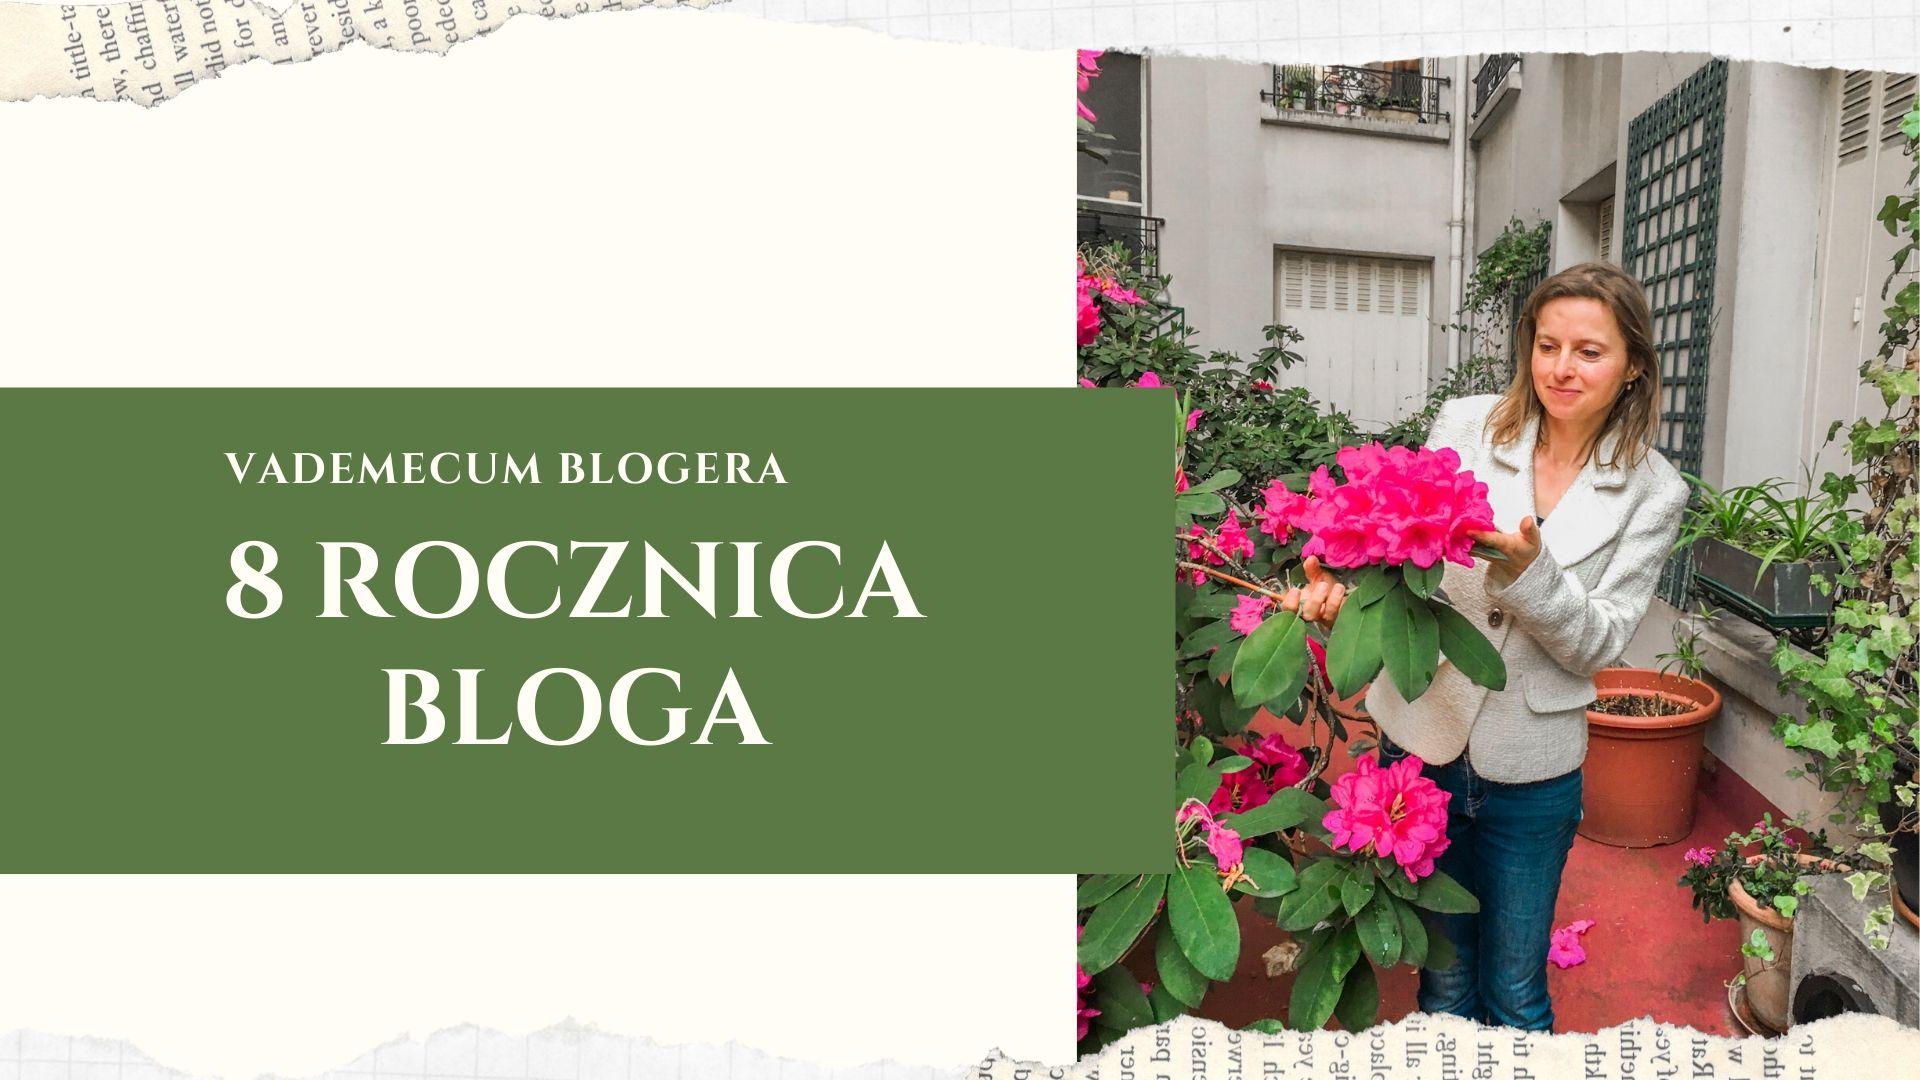 Kim jestem i czym się zajmuję? 8 rocznica blogowania